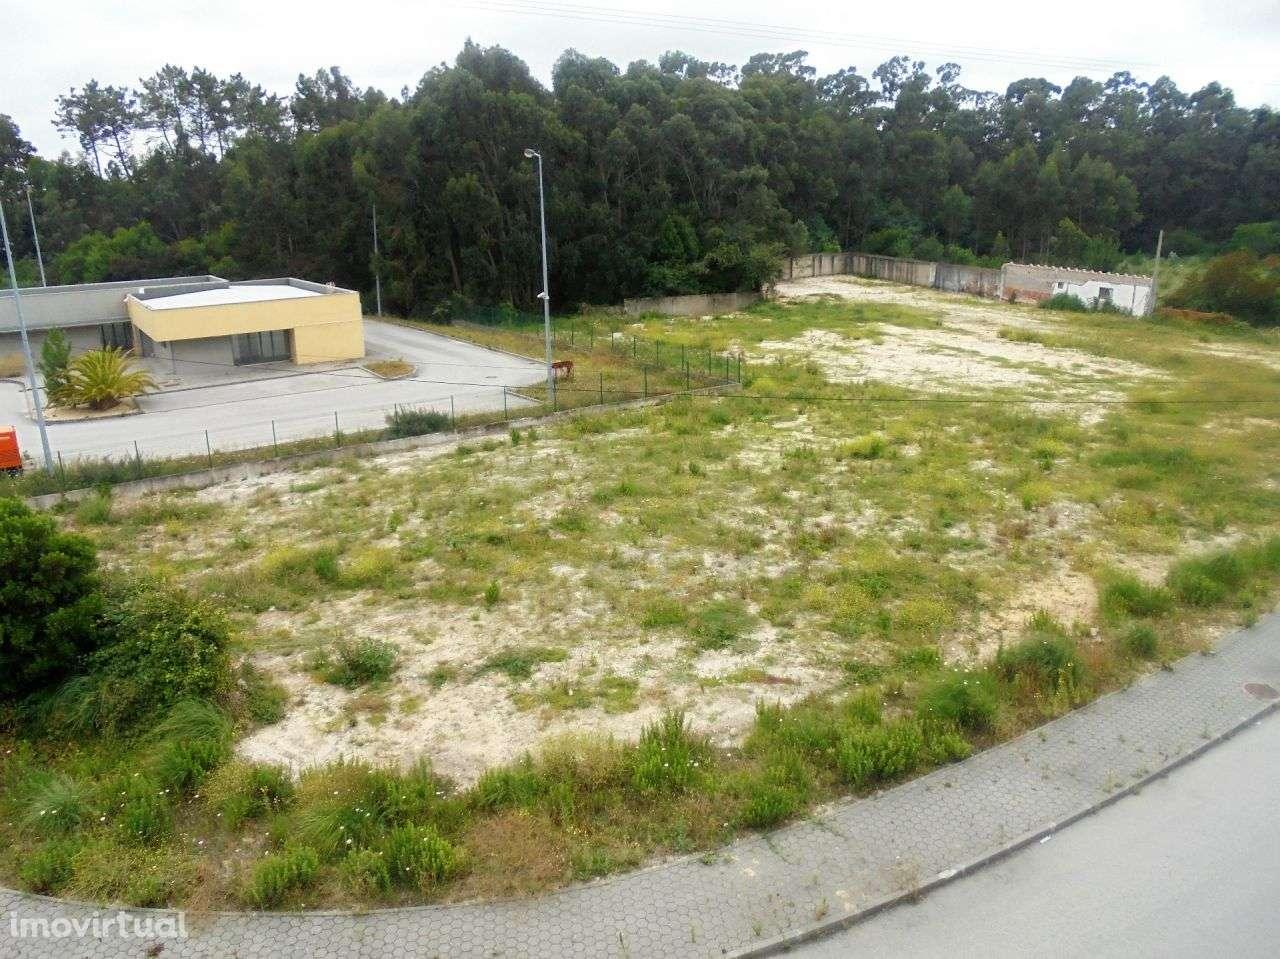 Terreno para comprar, Glória e Vera Cruz, Aveiro - Foto 2